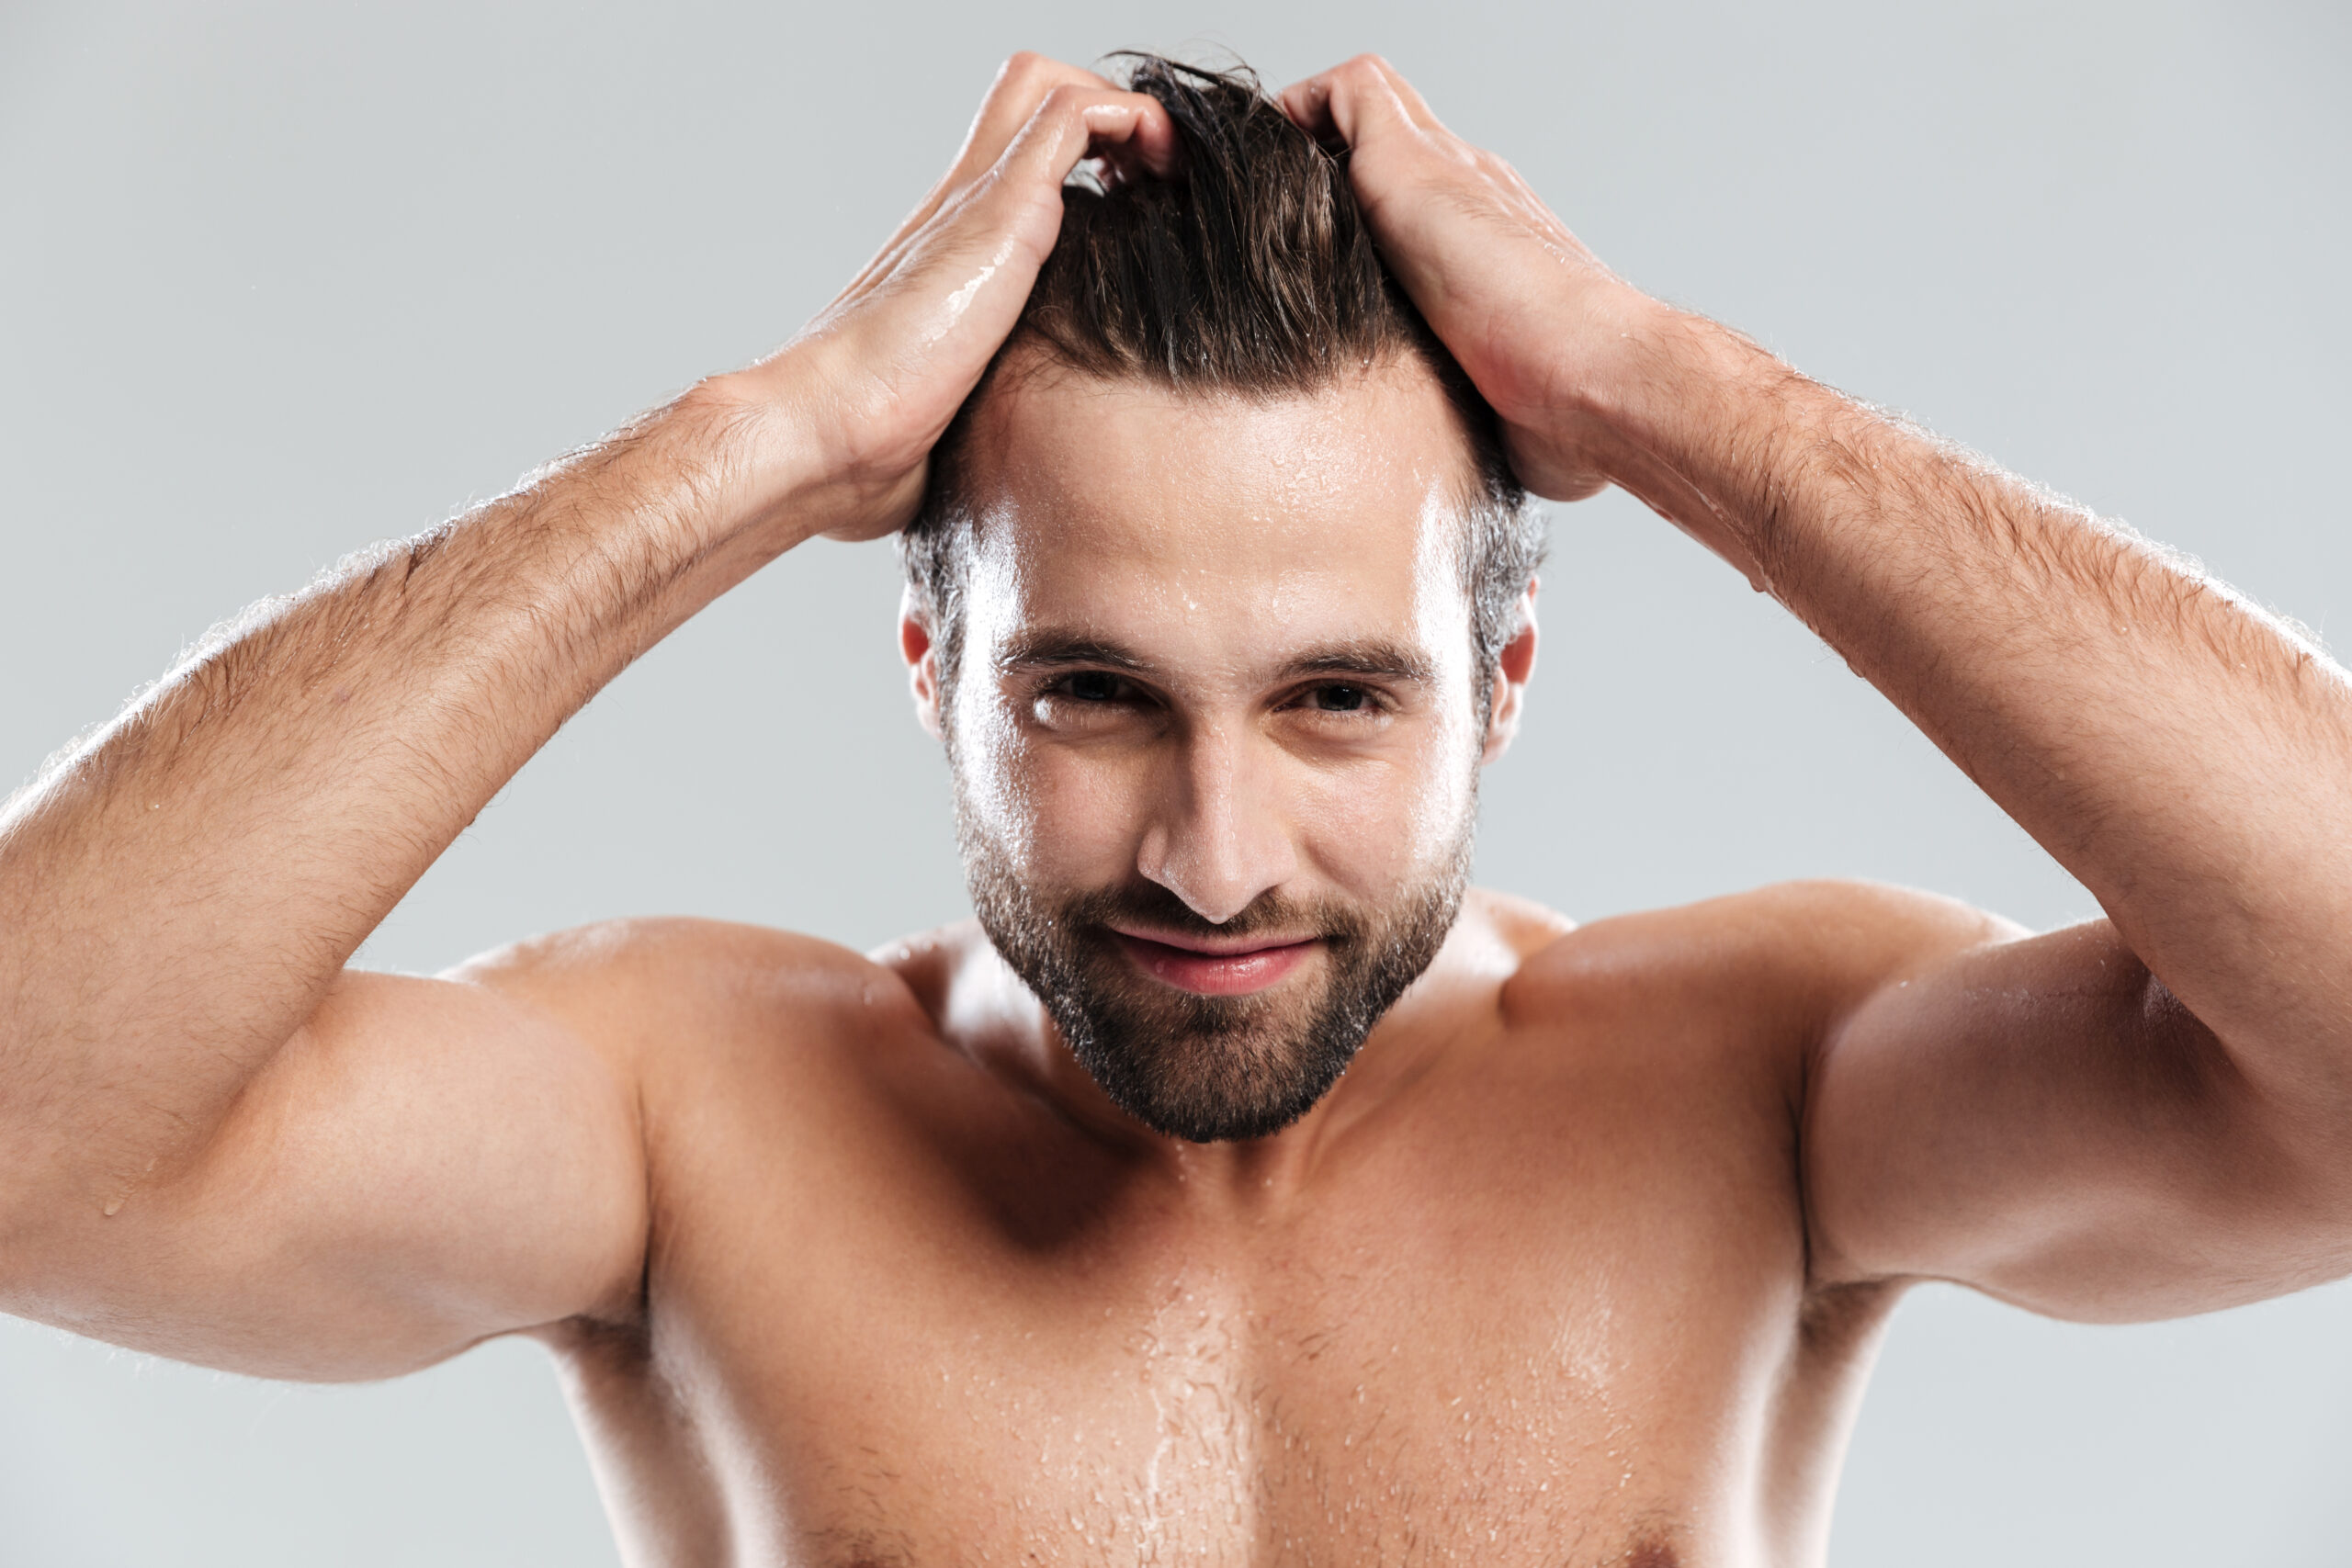 Przeszczep włosów - ile kosztuje oraz jak wybrać klinikę?